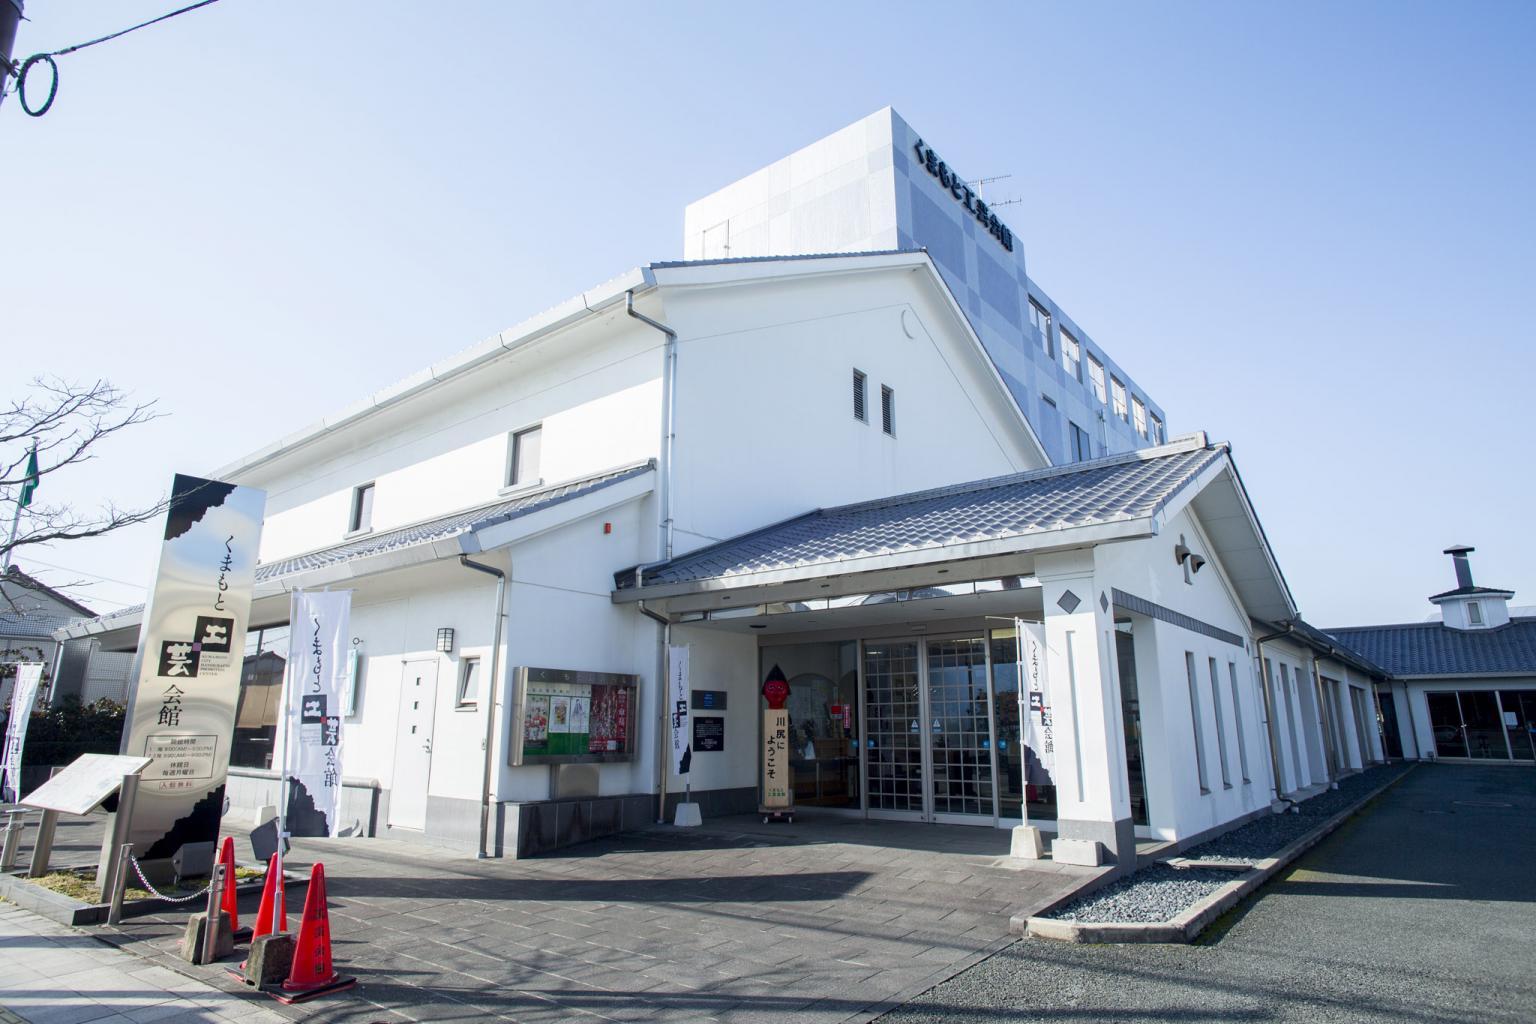 くまもと工芸会館   観光地   熊本市観光ガイド